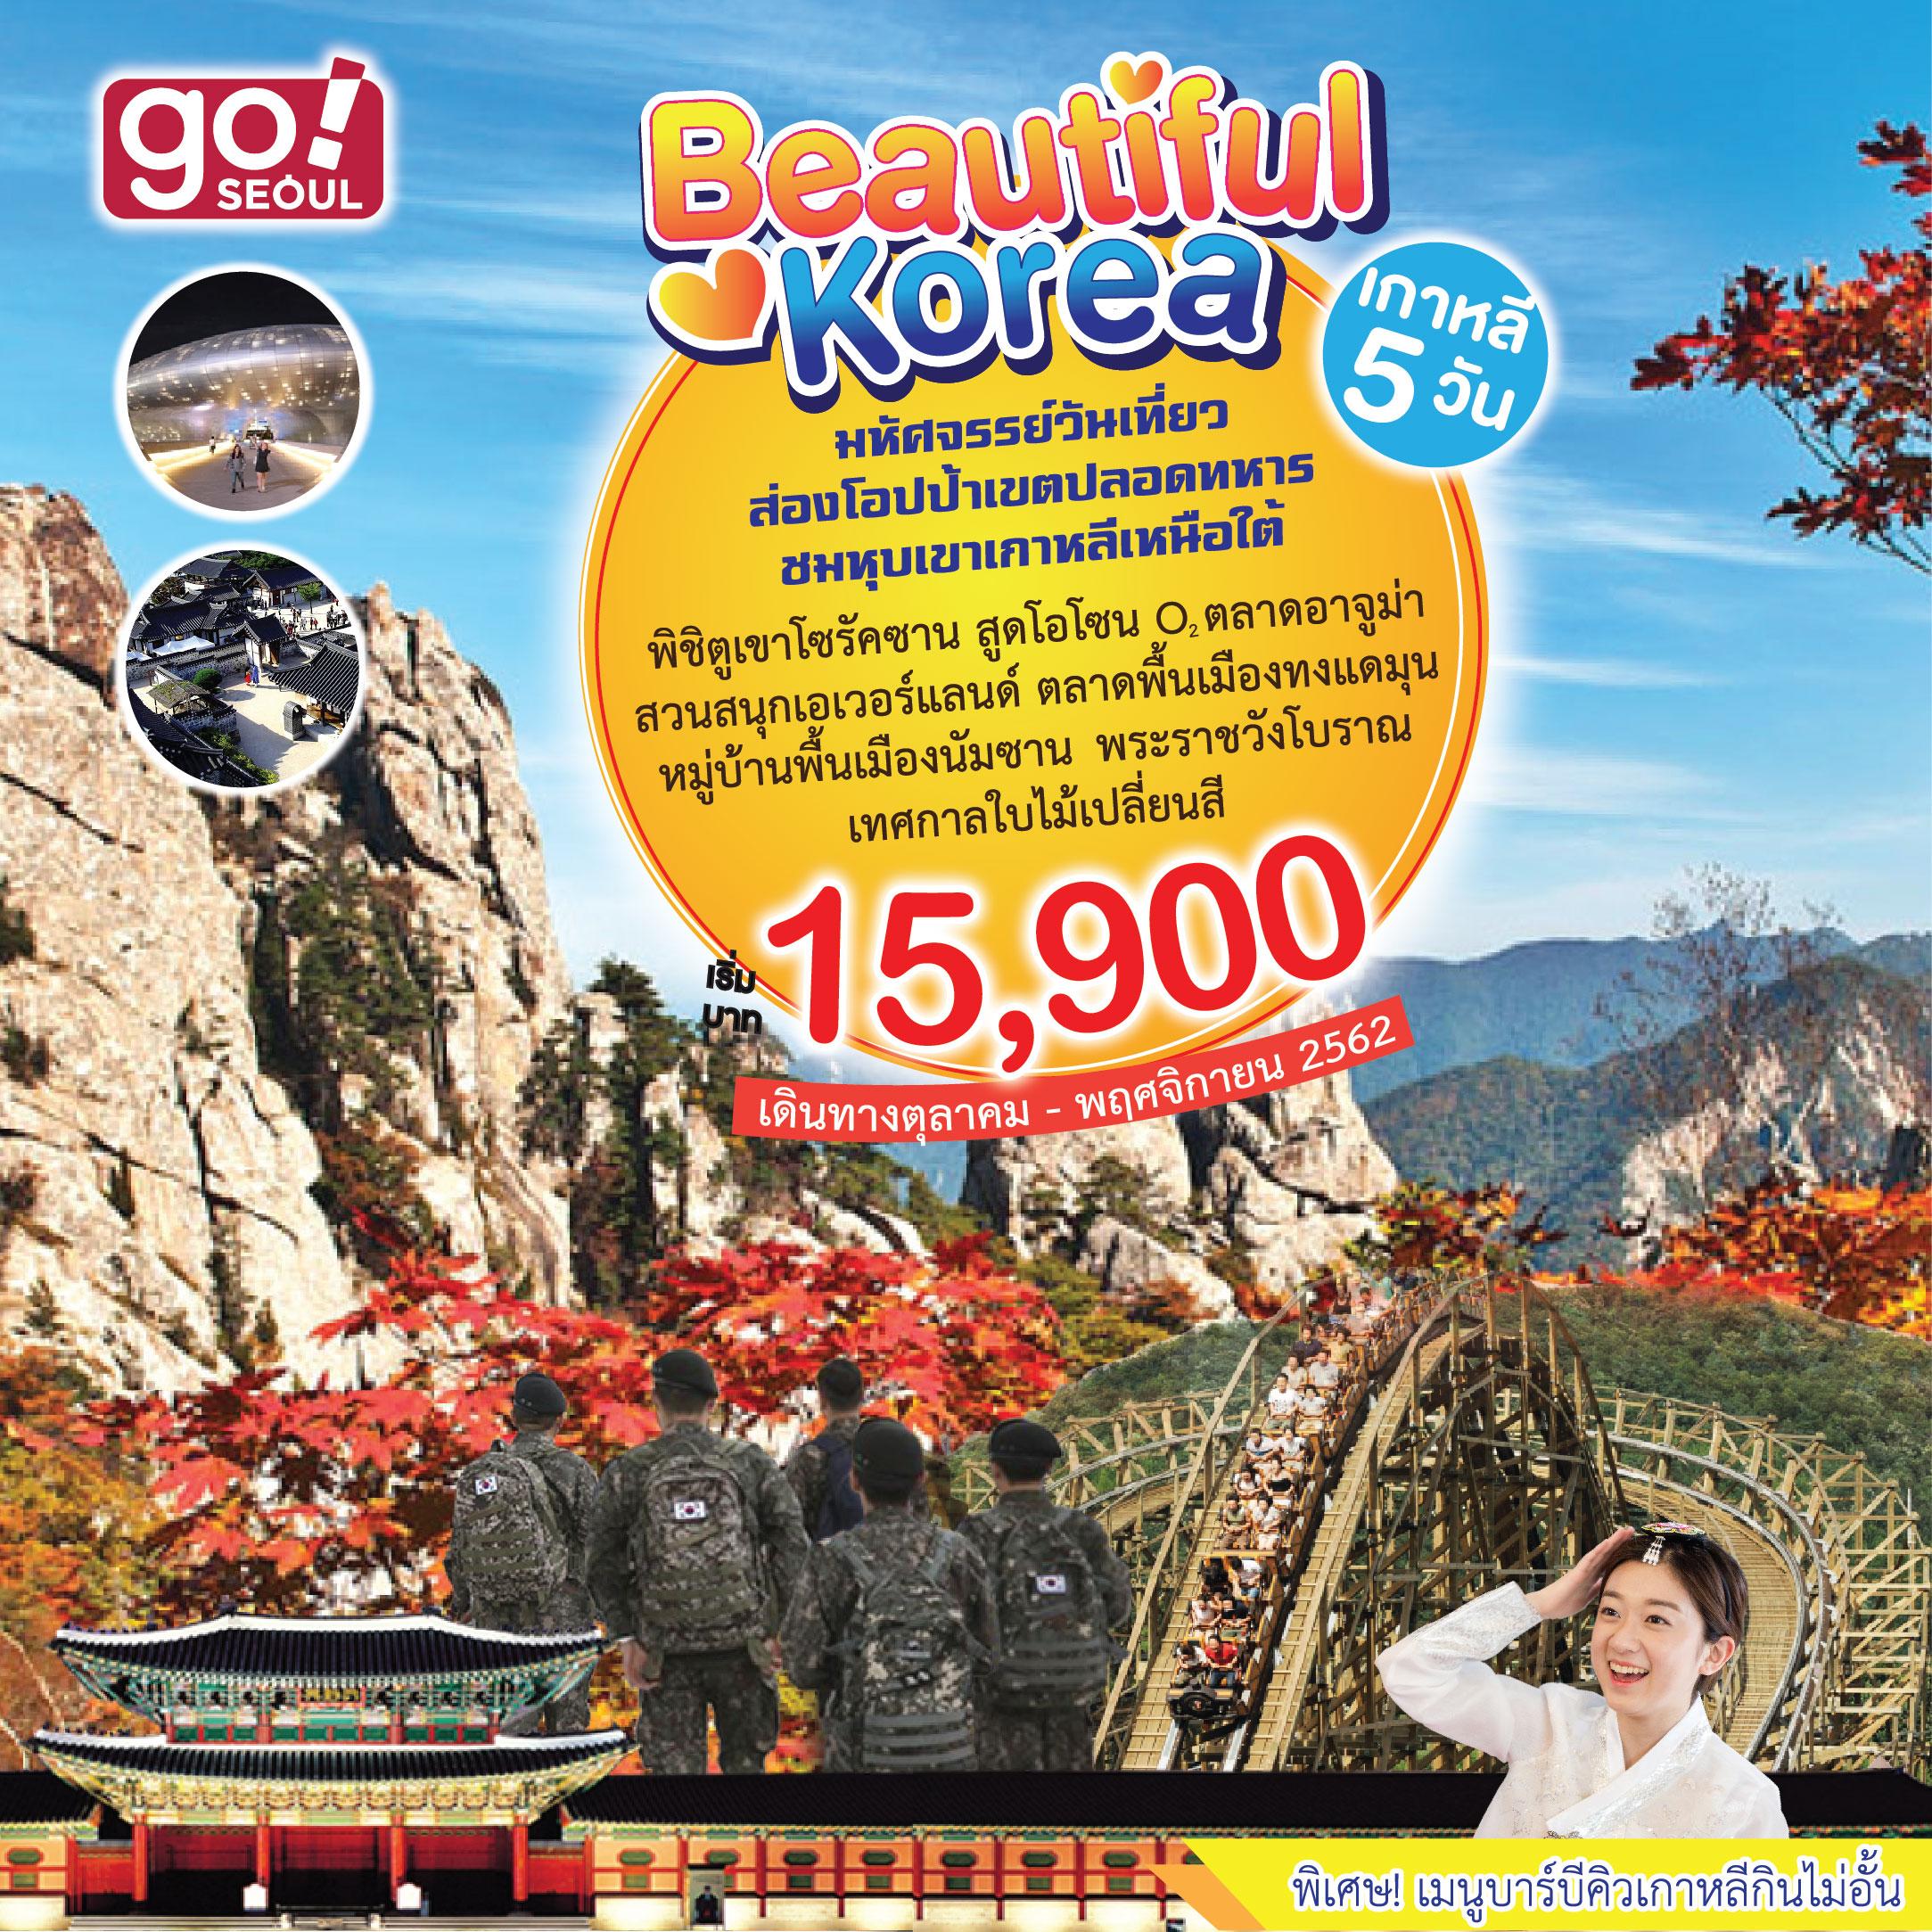 ทัวร์เกาหลี,เที่ยวเกาหลี,ไปเกาหลี,ทัวร์เกาหลีราคาถูก,ทัวรเกาหลีถูกสุด,เอเวอร์แลนด์,Everland,Lotte world, ลอตเต้เวิลด์,เที่ยวสวนสนุก,เกาะนามิ